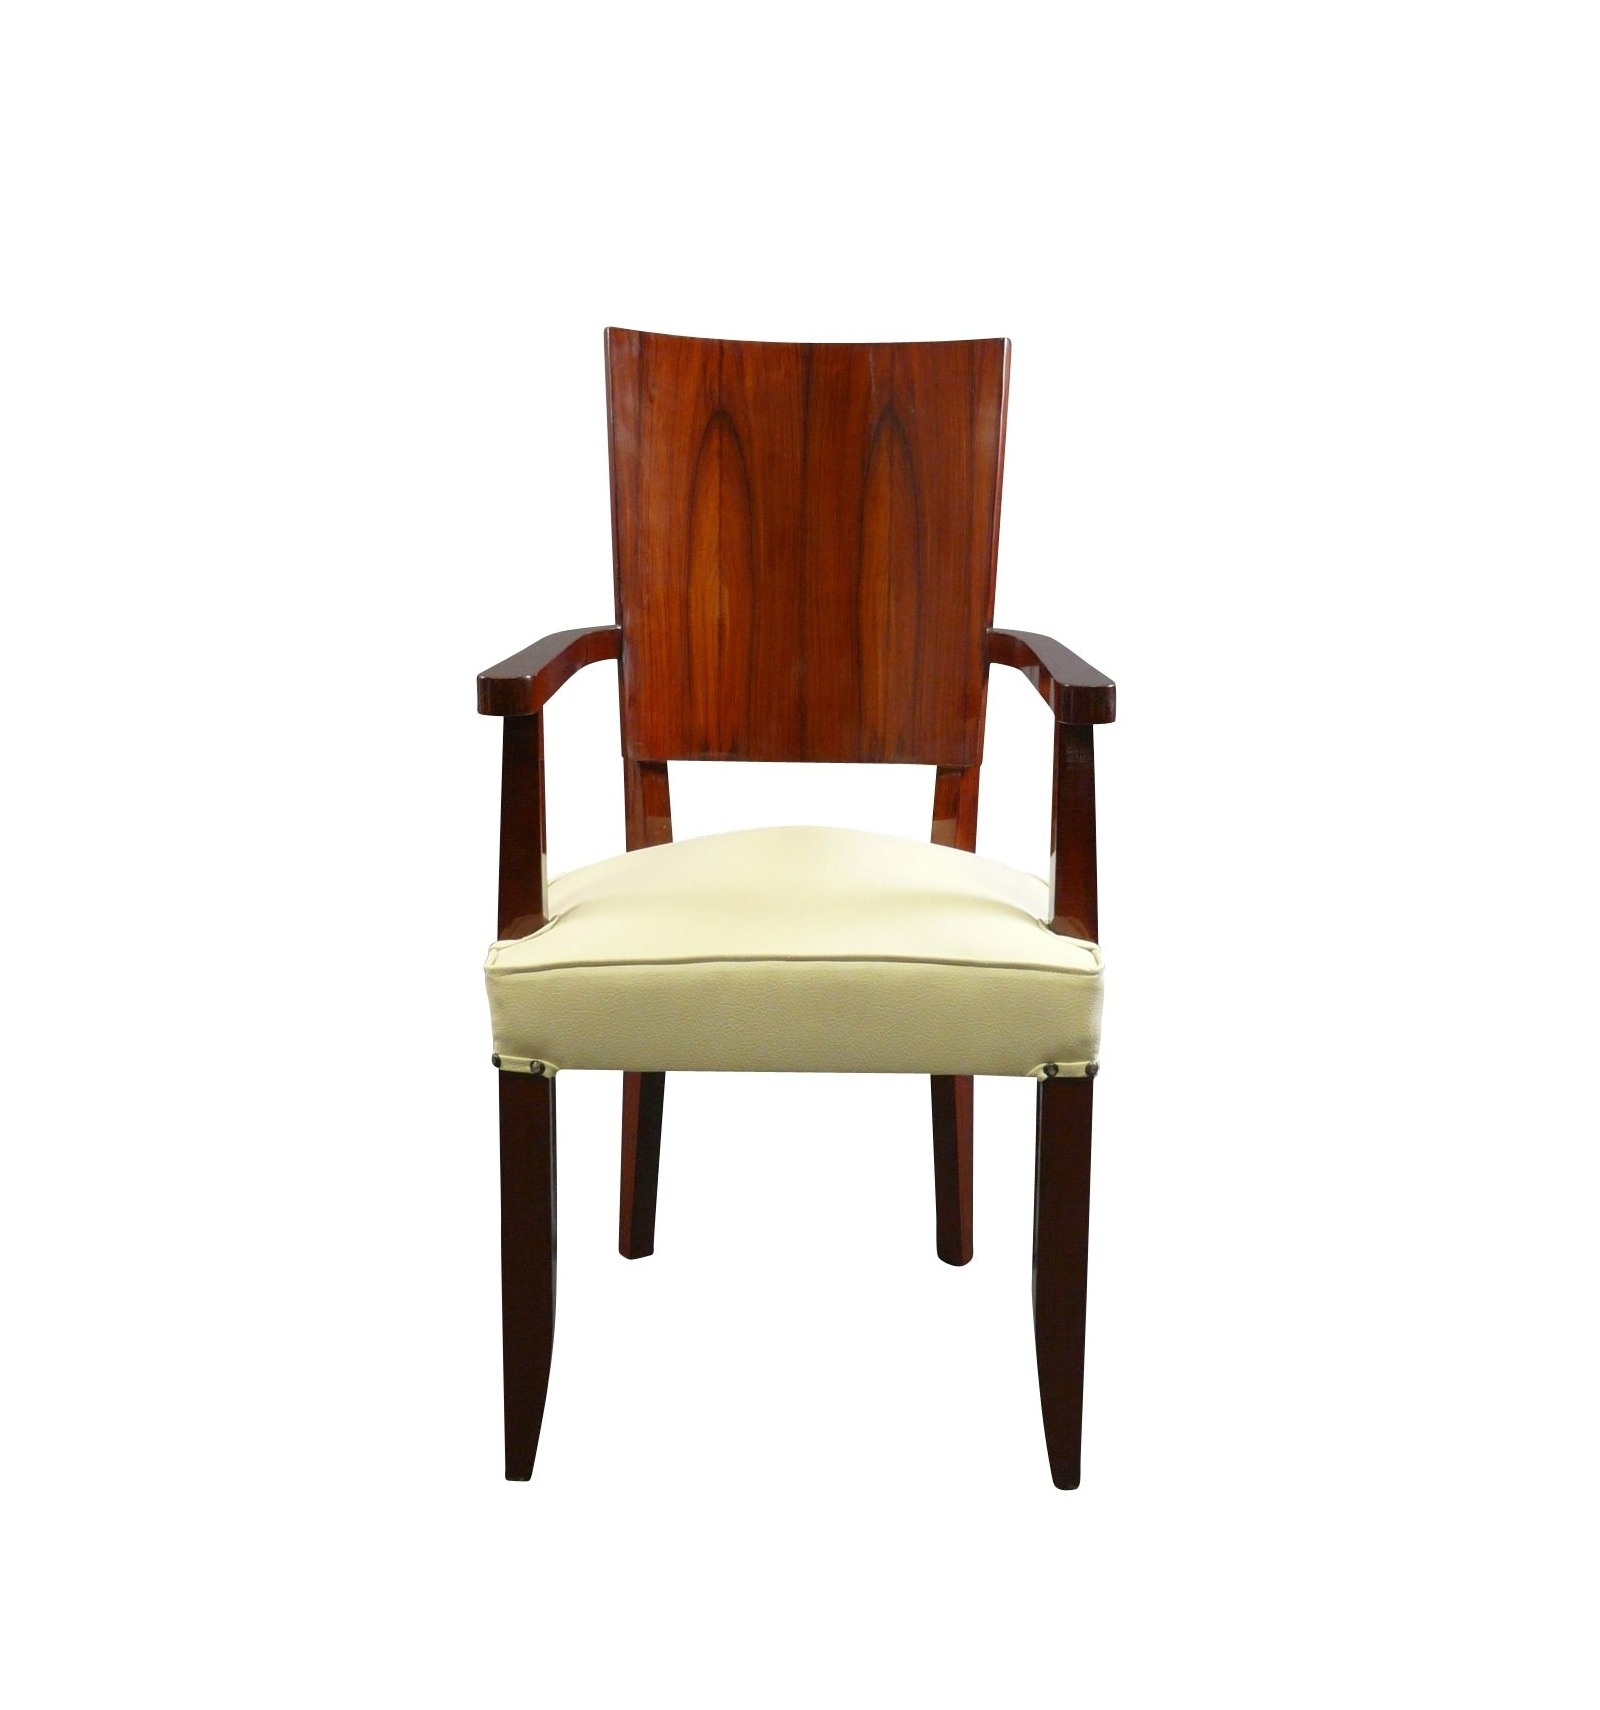 Poltrona in stile art deco stile 1920 mobili art deco - Mobili anni venti ...